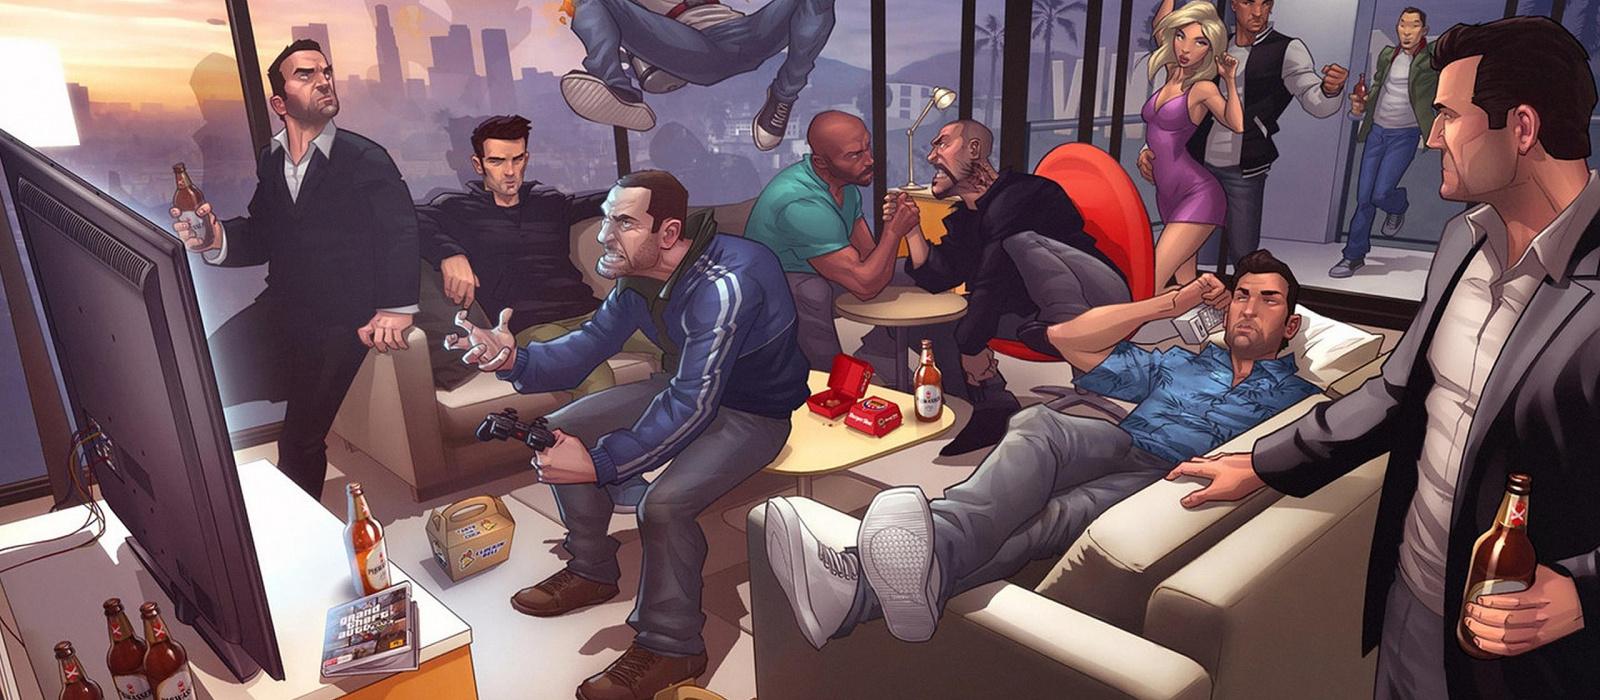 Reddit-Nutzer behaupten, im neuesten GTA 5-Trailer einen Hinweis auf GTA 6 gefunden zu haben